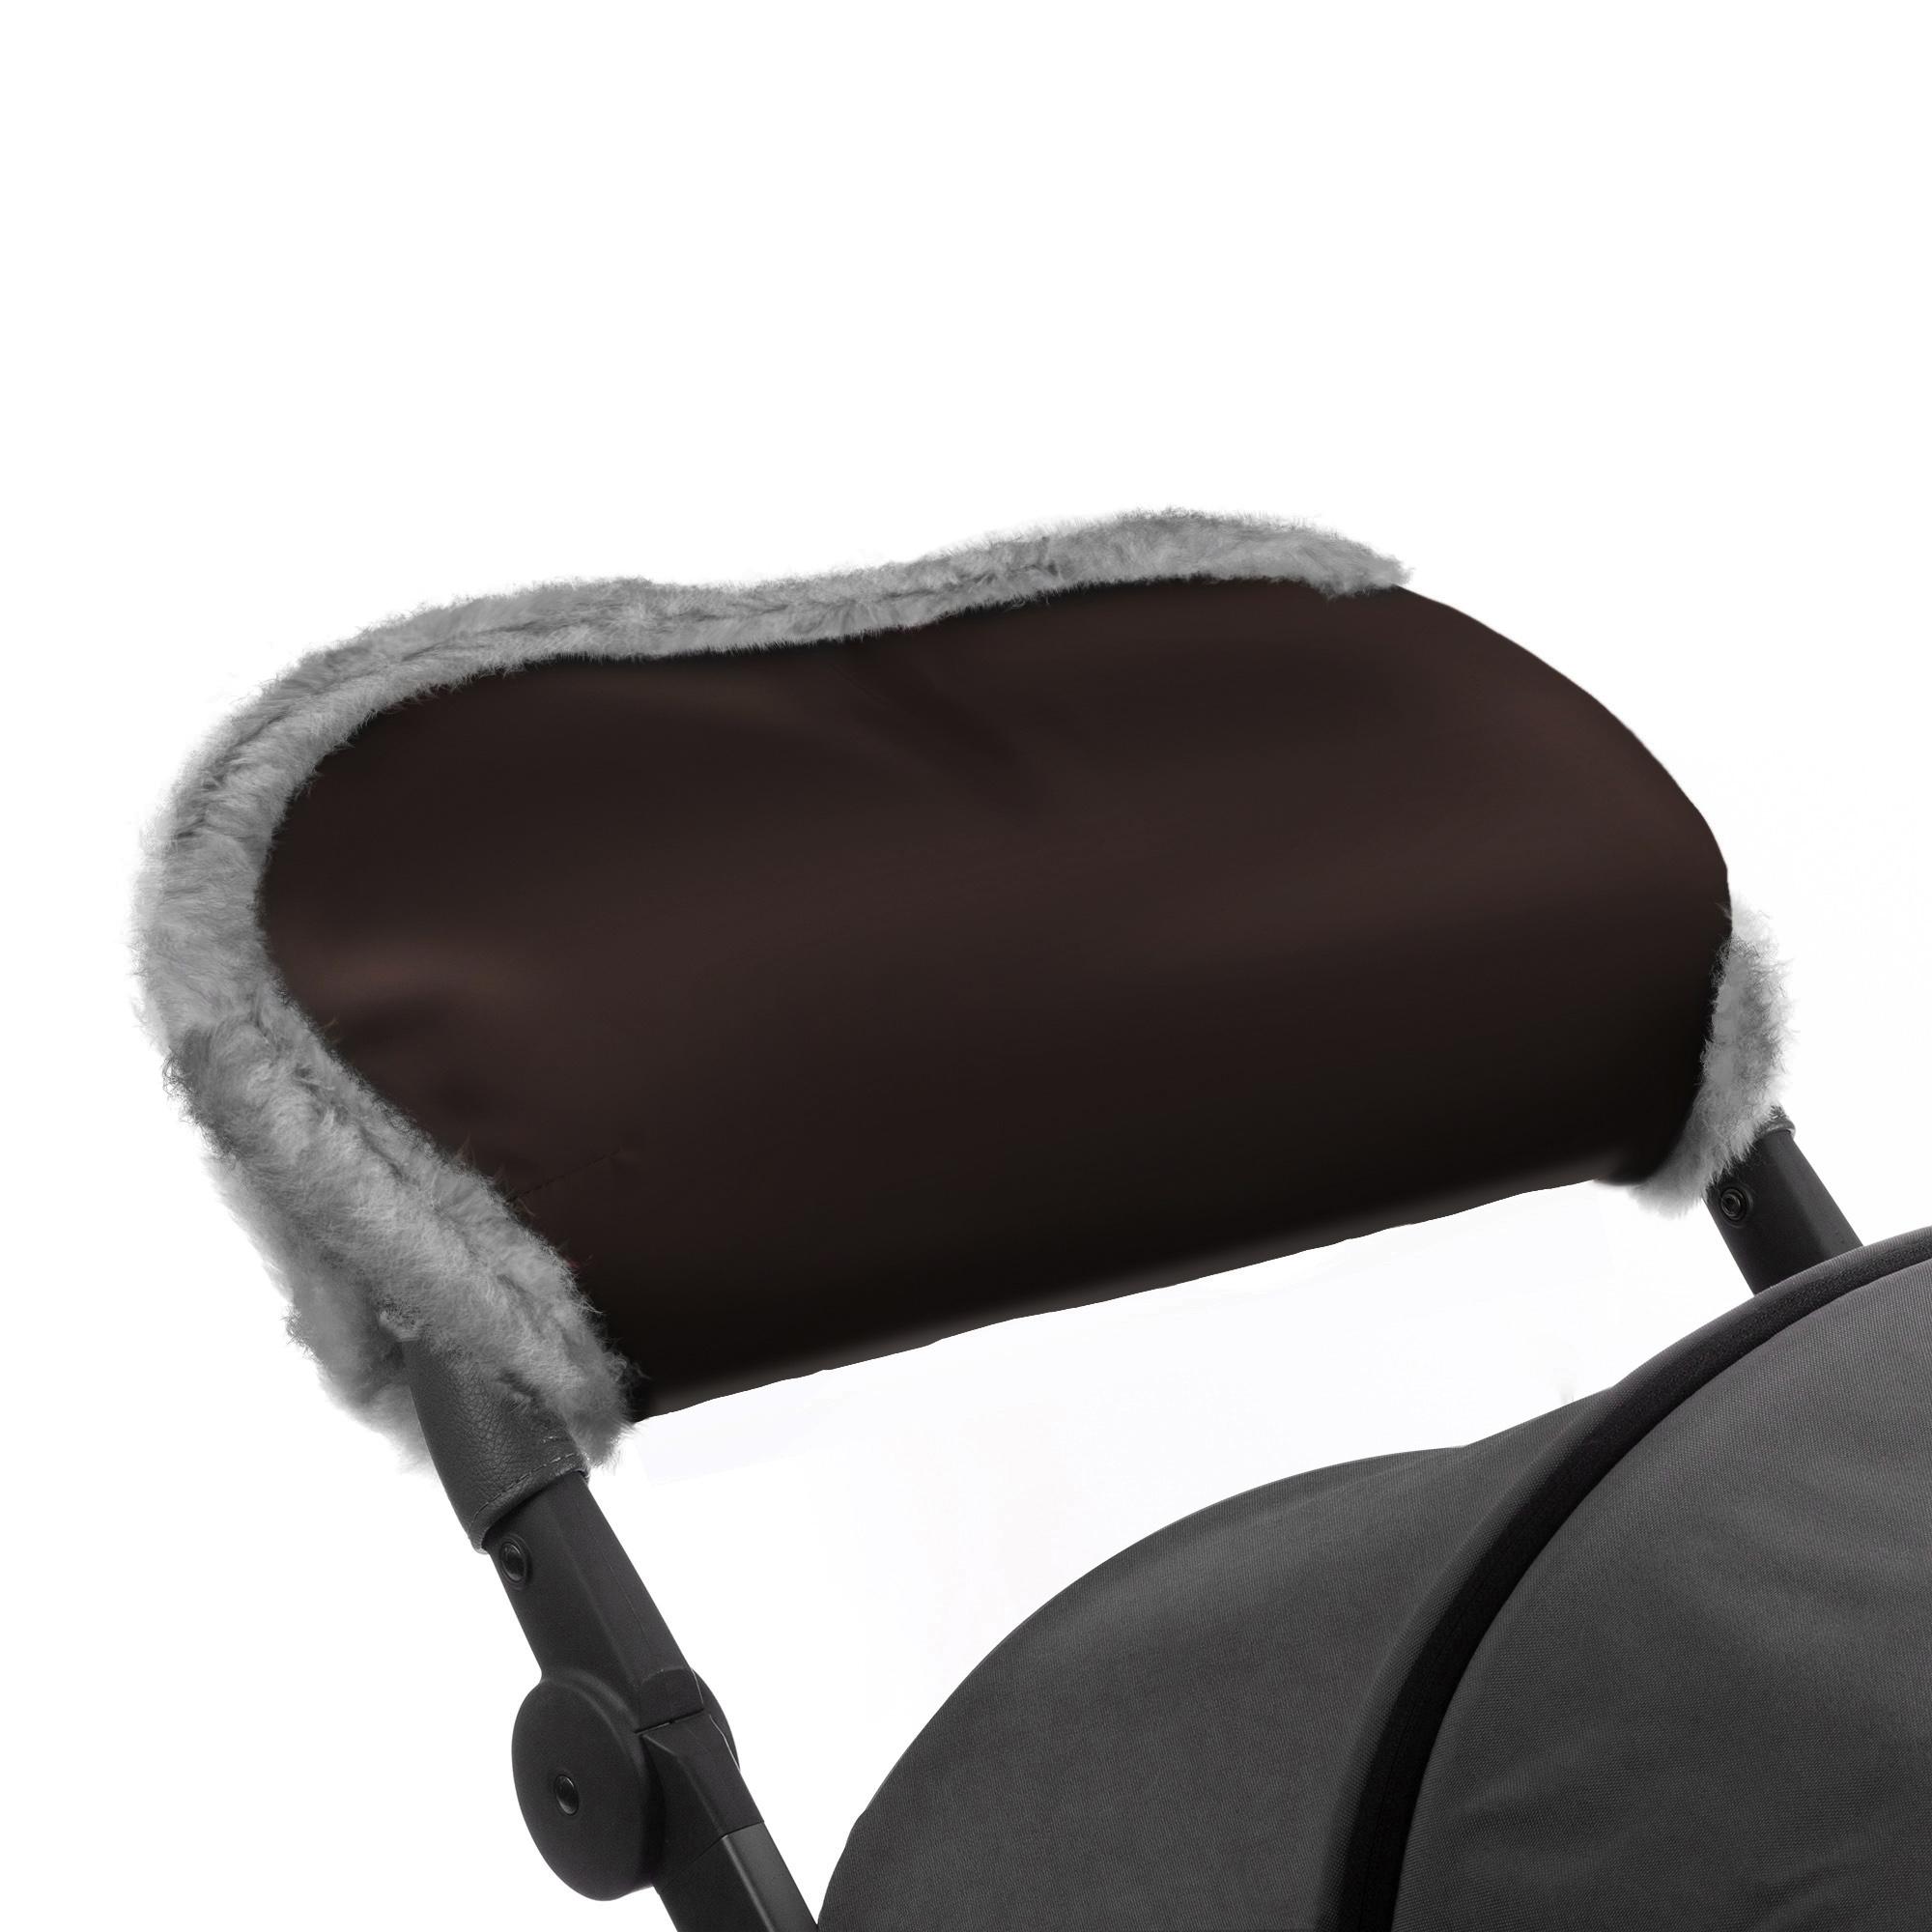 Купить Муфта для рук на коляску Esspero Solana Brown Натуральная шерсть, Муфты на коляску